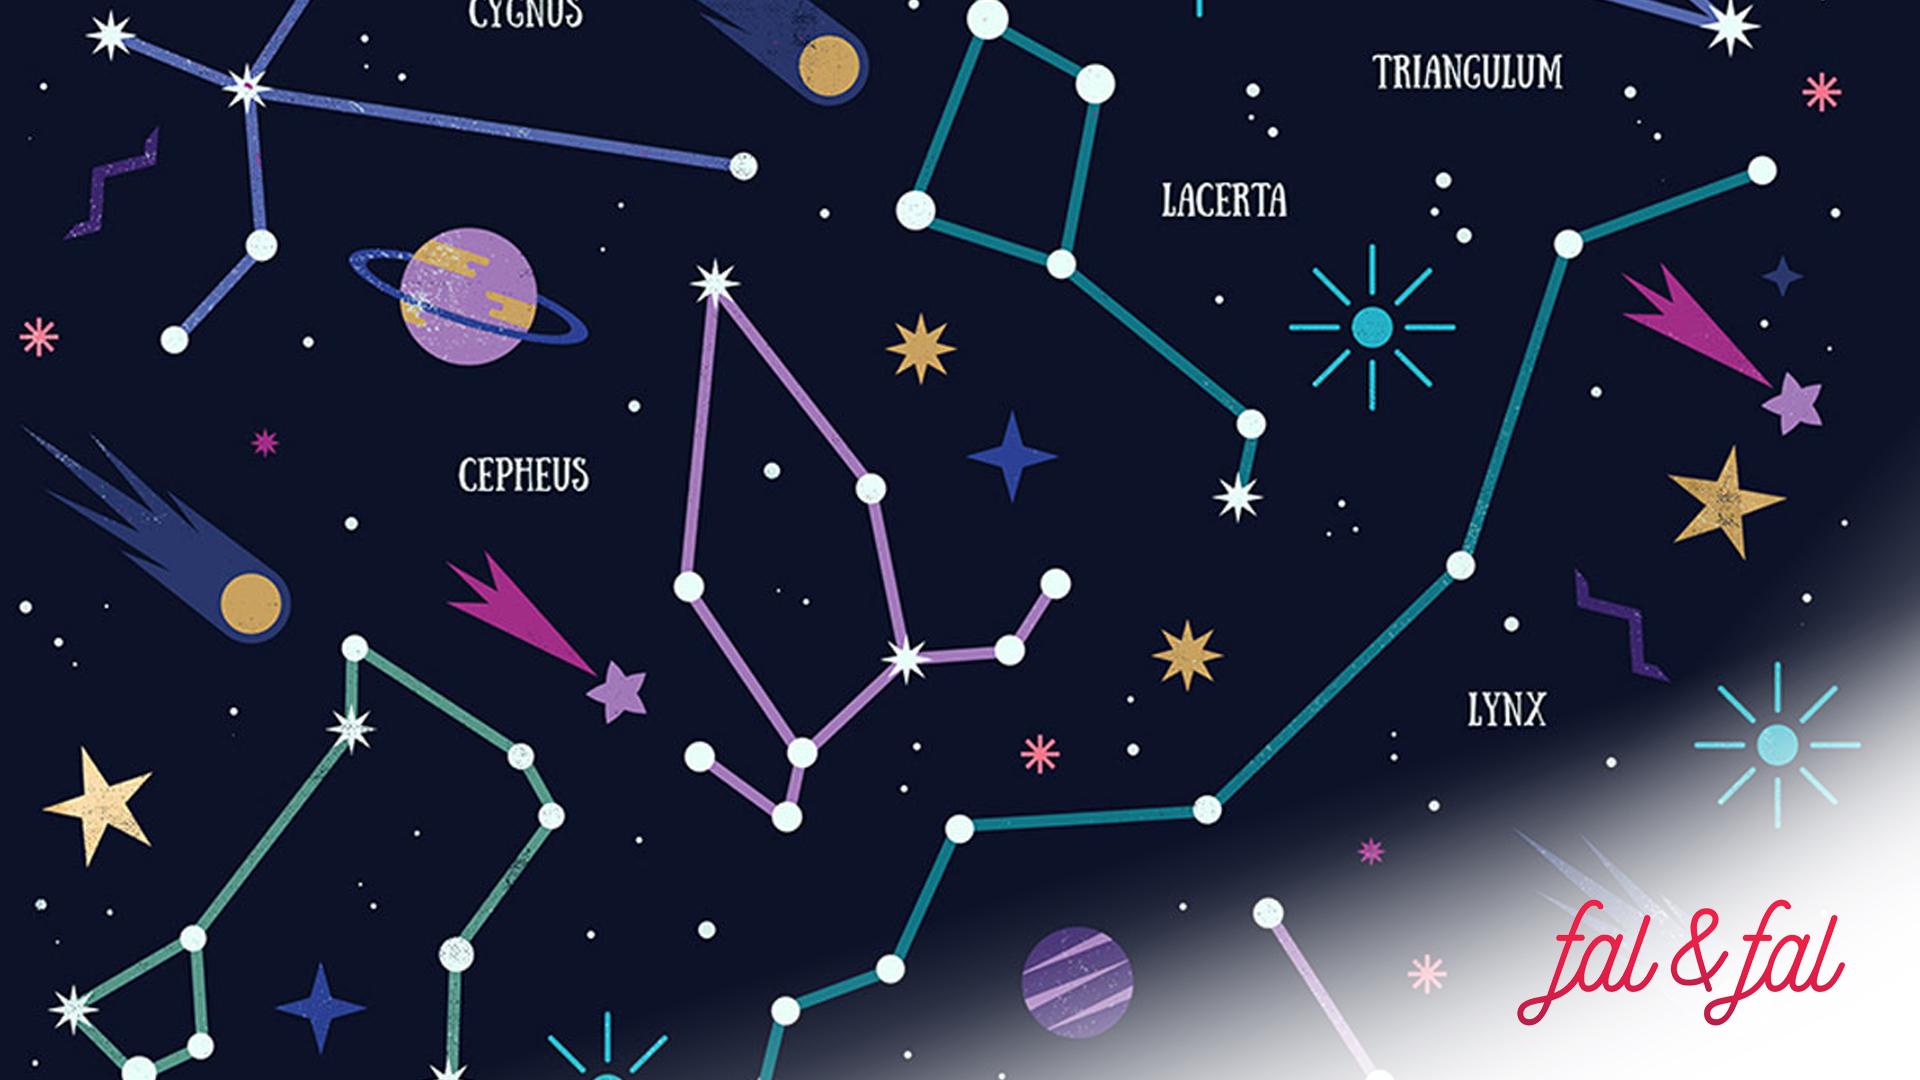 gezegenlerin-hayatlarimiz-uzerindeki-etkisi